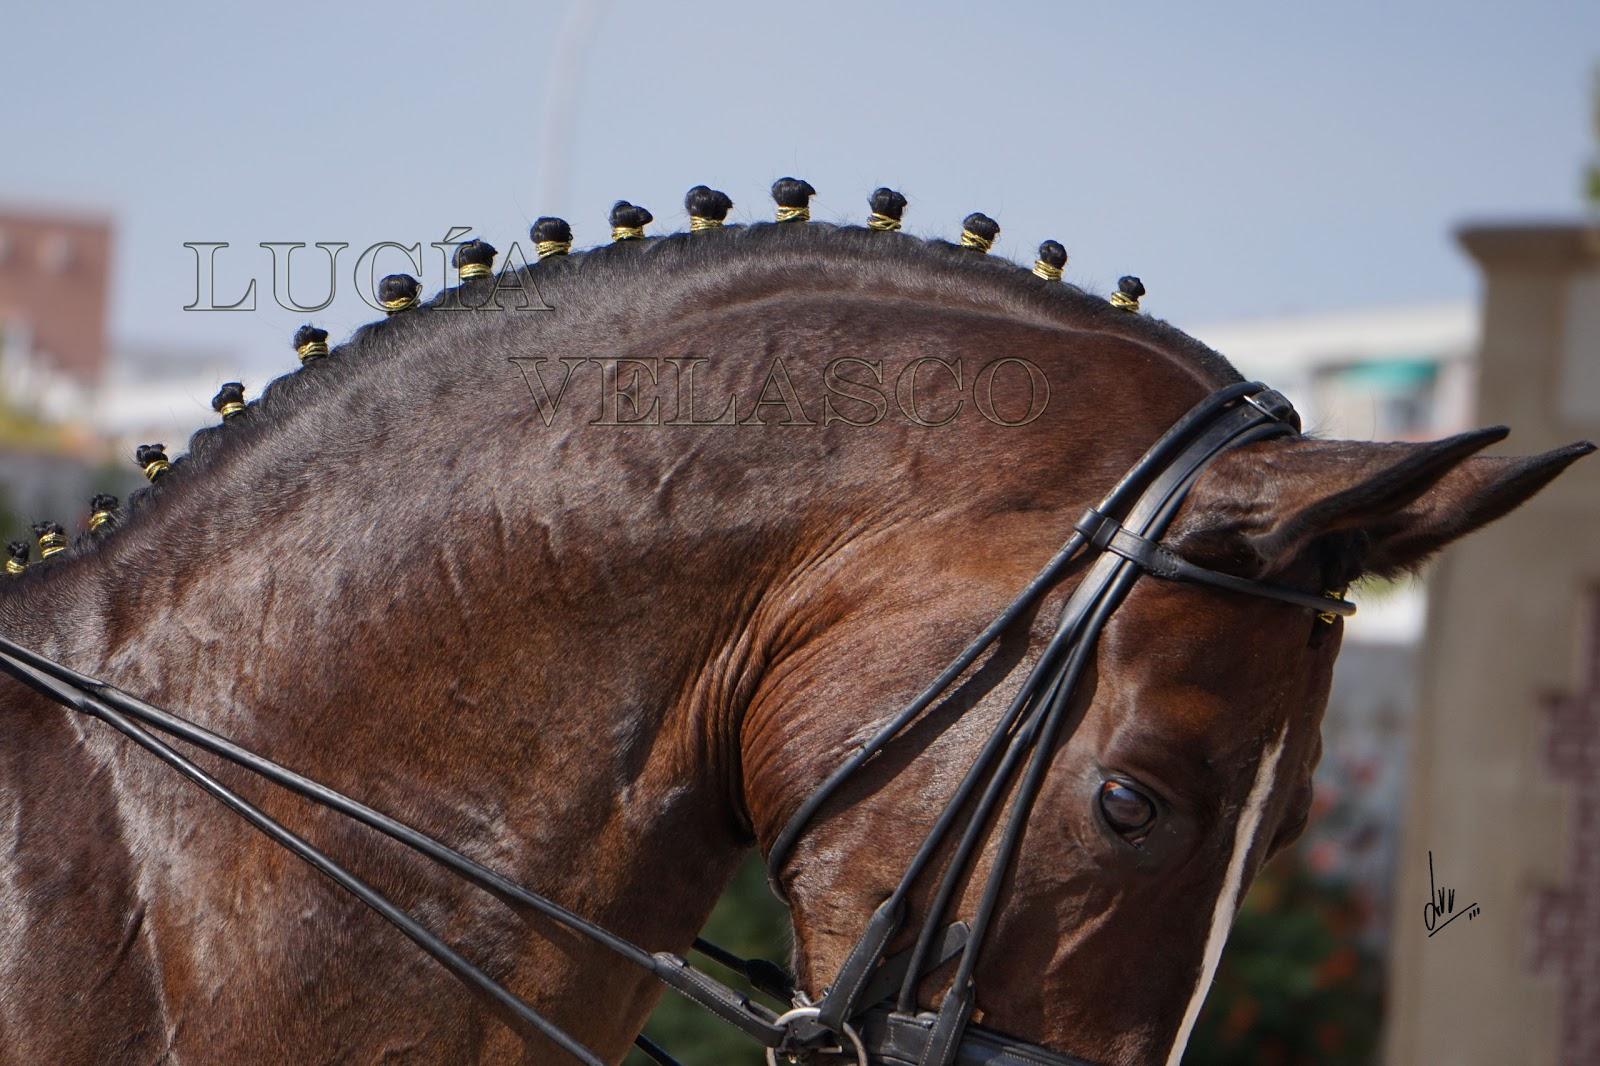 Imagen perfecta peinados para caballos Colección De Cortes De Pelo Ideas - Lucia Velasco fotografia equina: Peinados de crines